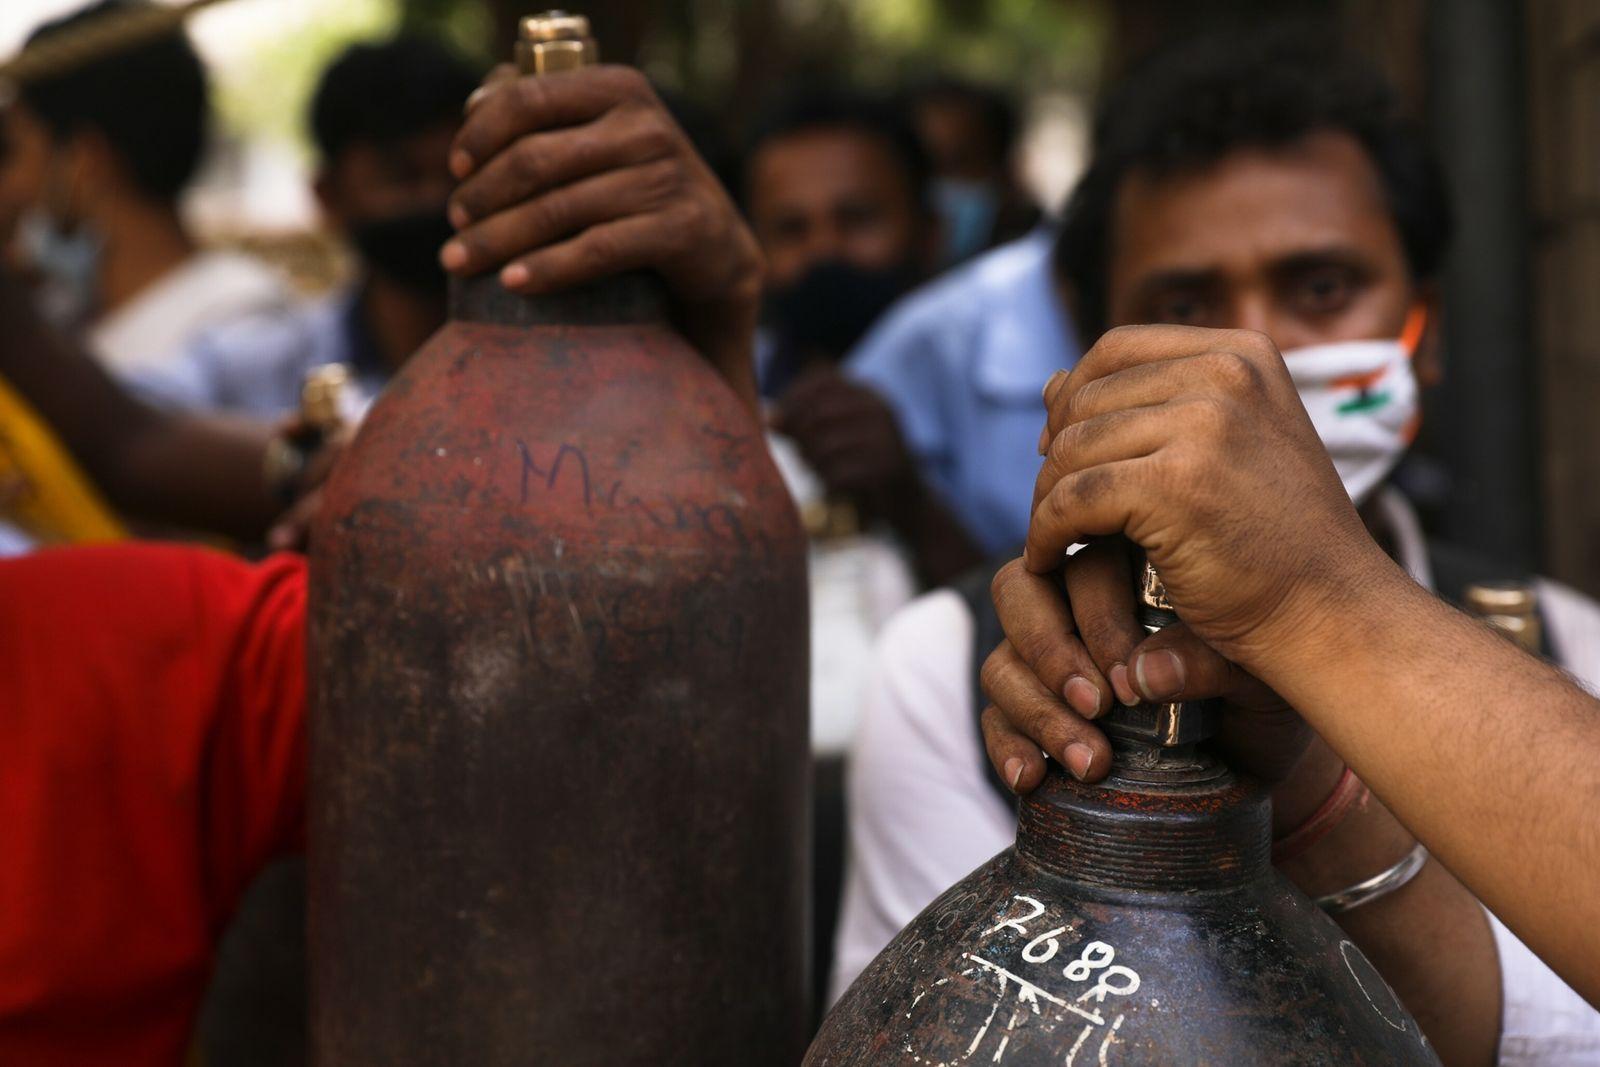 La gente hace cola frente a Vaibhav Oxygen